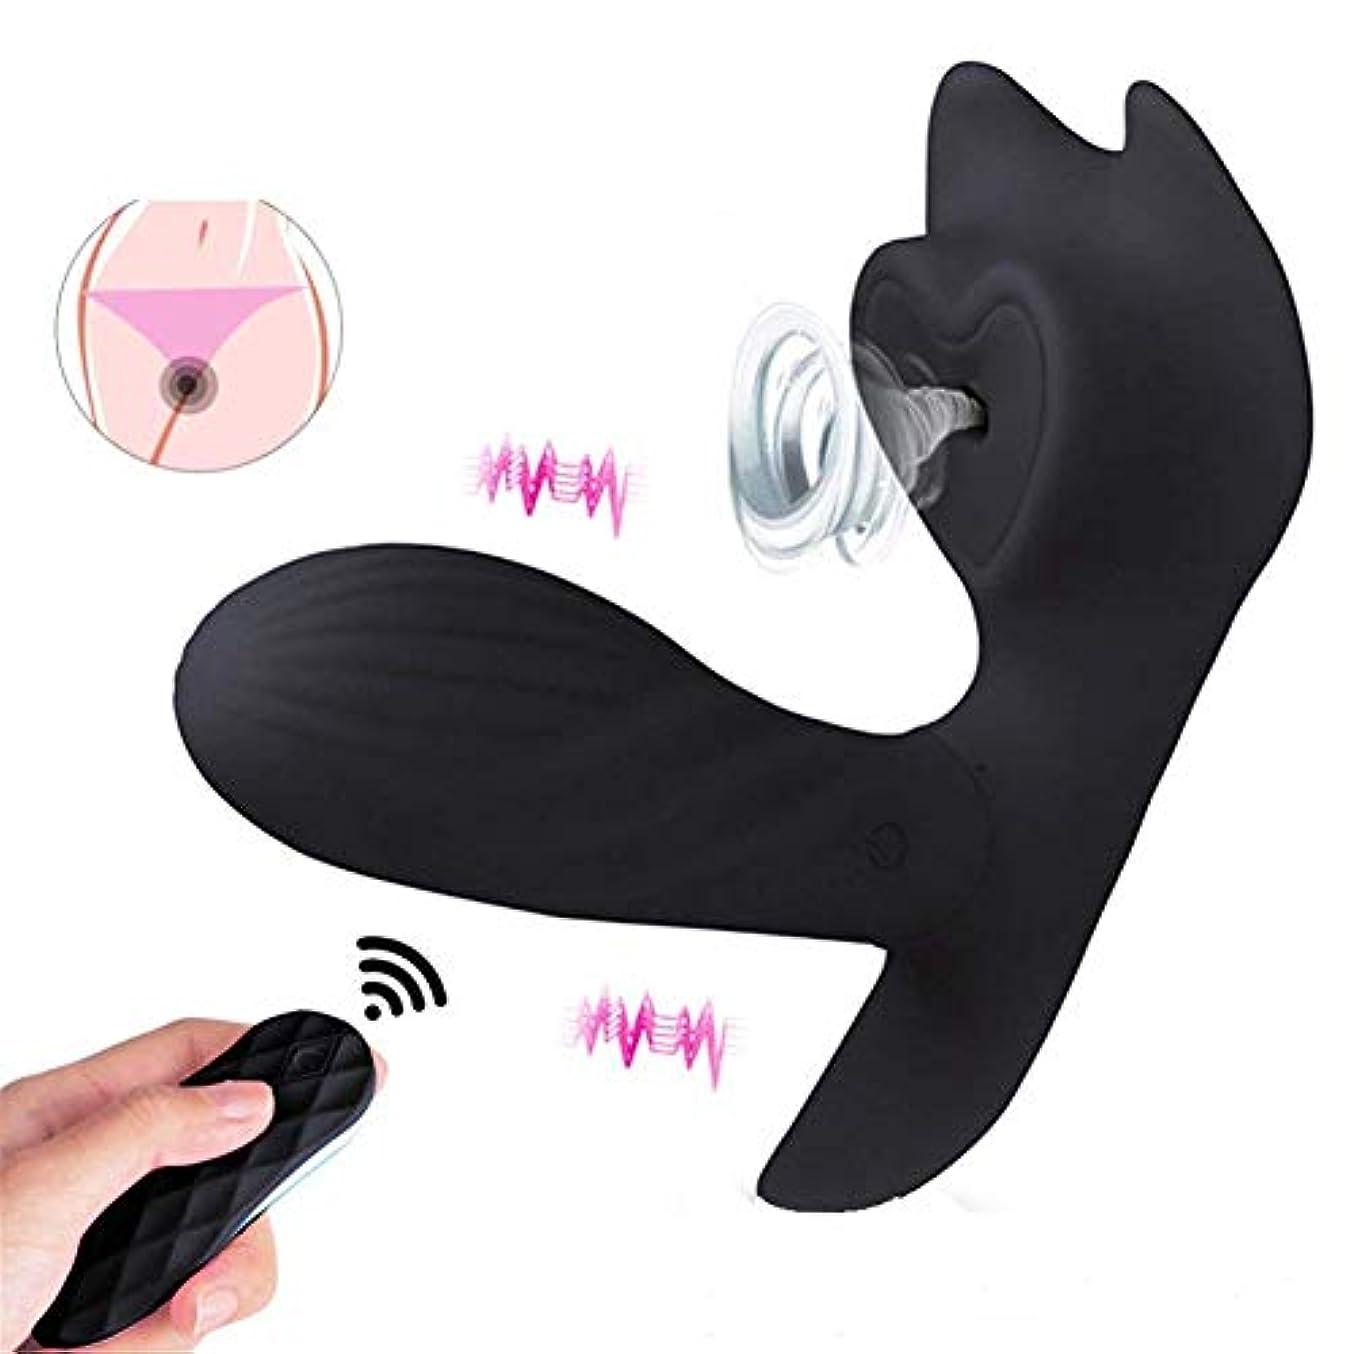 ヘビ反射ホイールセックスウェアラブルディルドバイブレーターバイブレーター刺激器タイト G スポットマッサージポーターインサイドバイブレーターワイヤレスリモートコントロール大人のおもちゃ女性のための